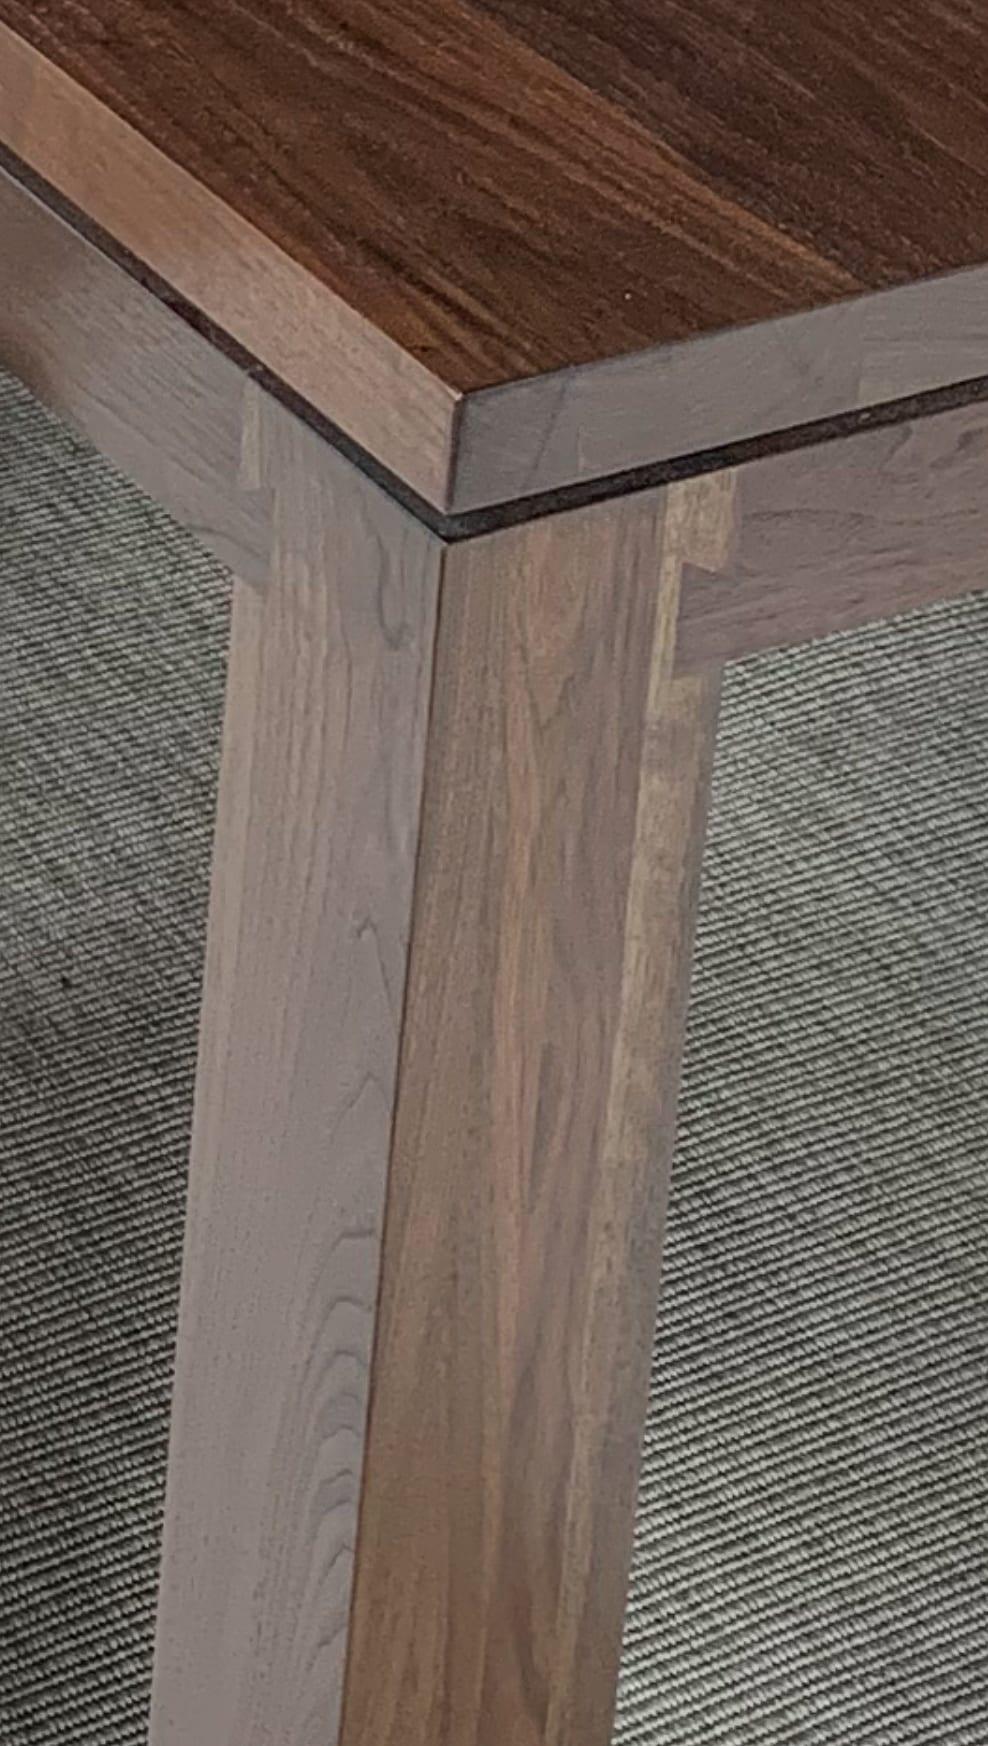 Table Corner Details